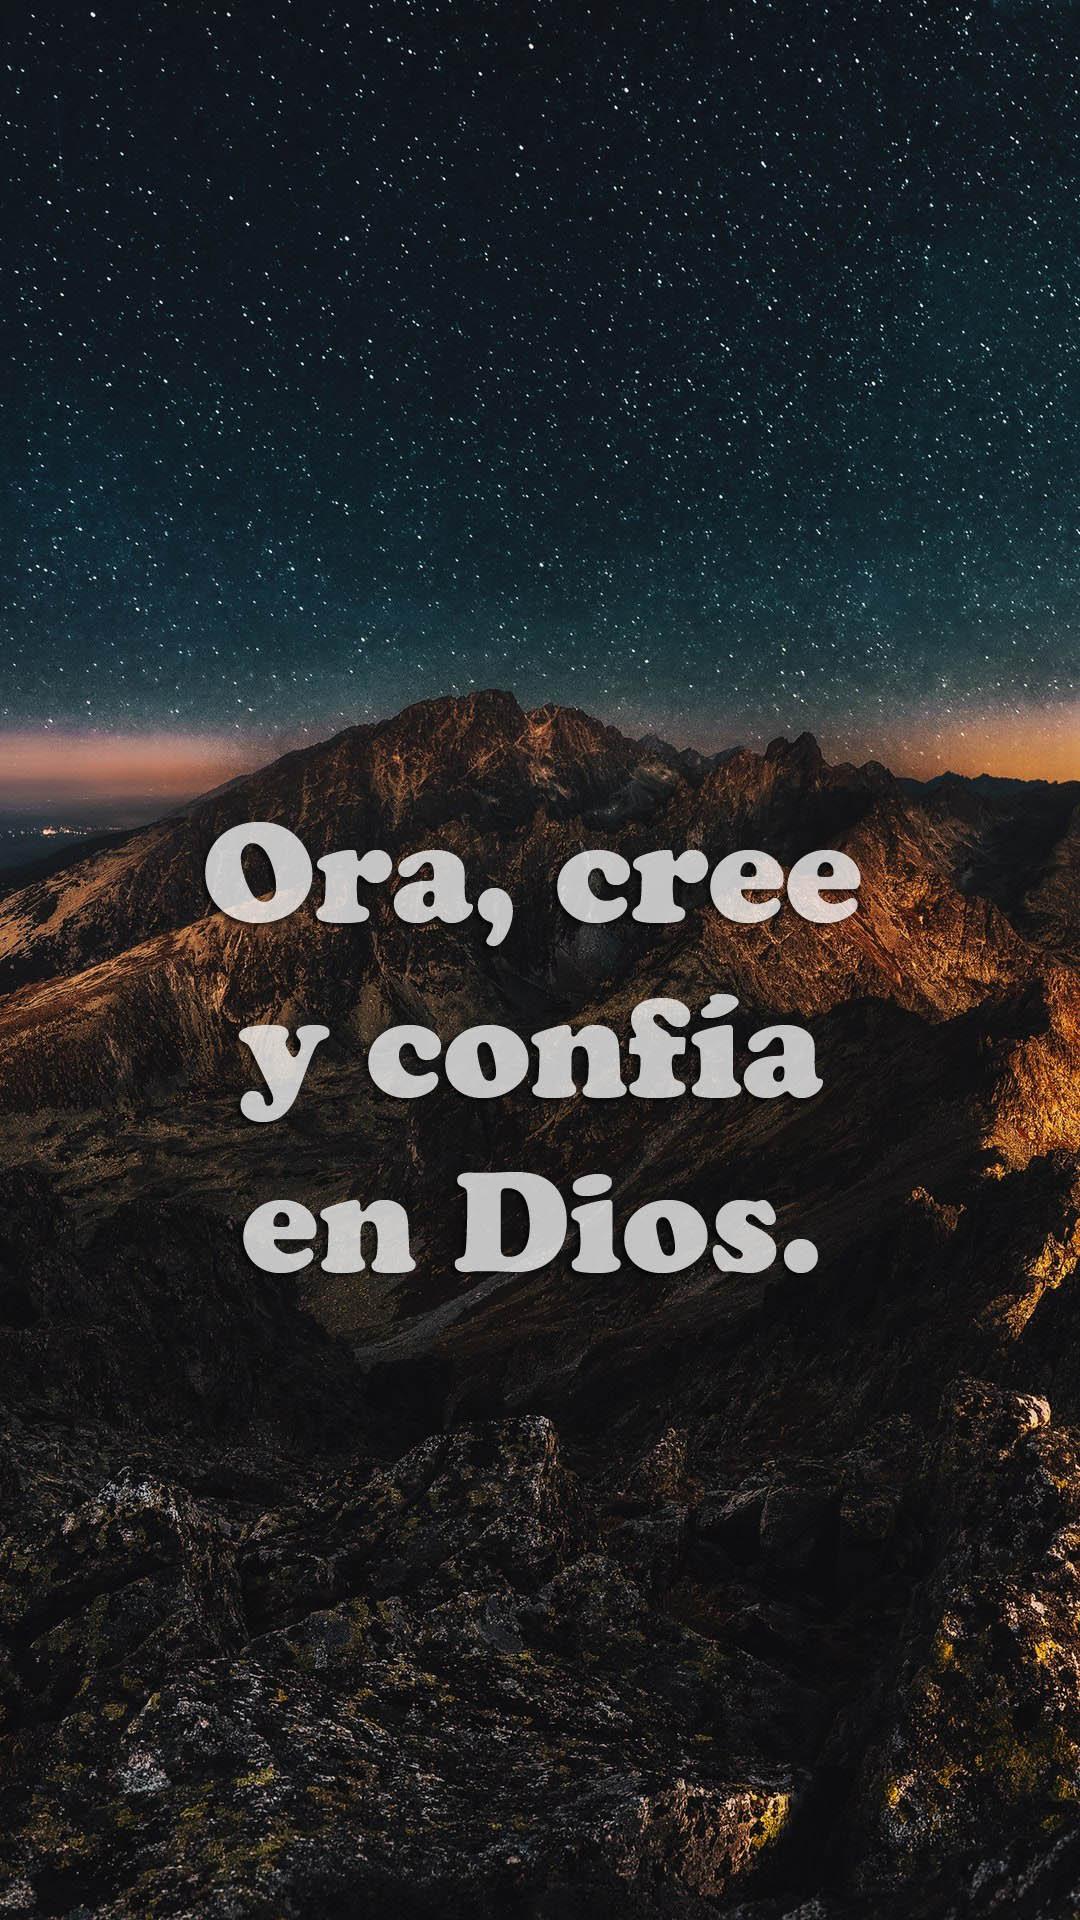 Imagenes con frases para fondo de pantalla de mi celular cristiana